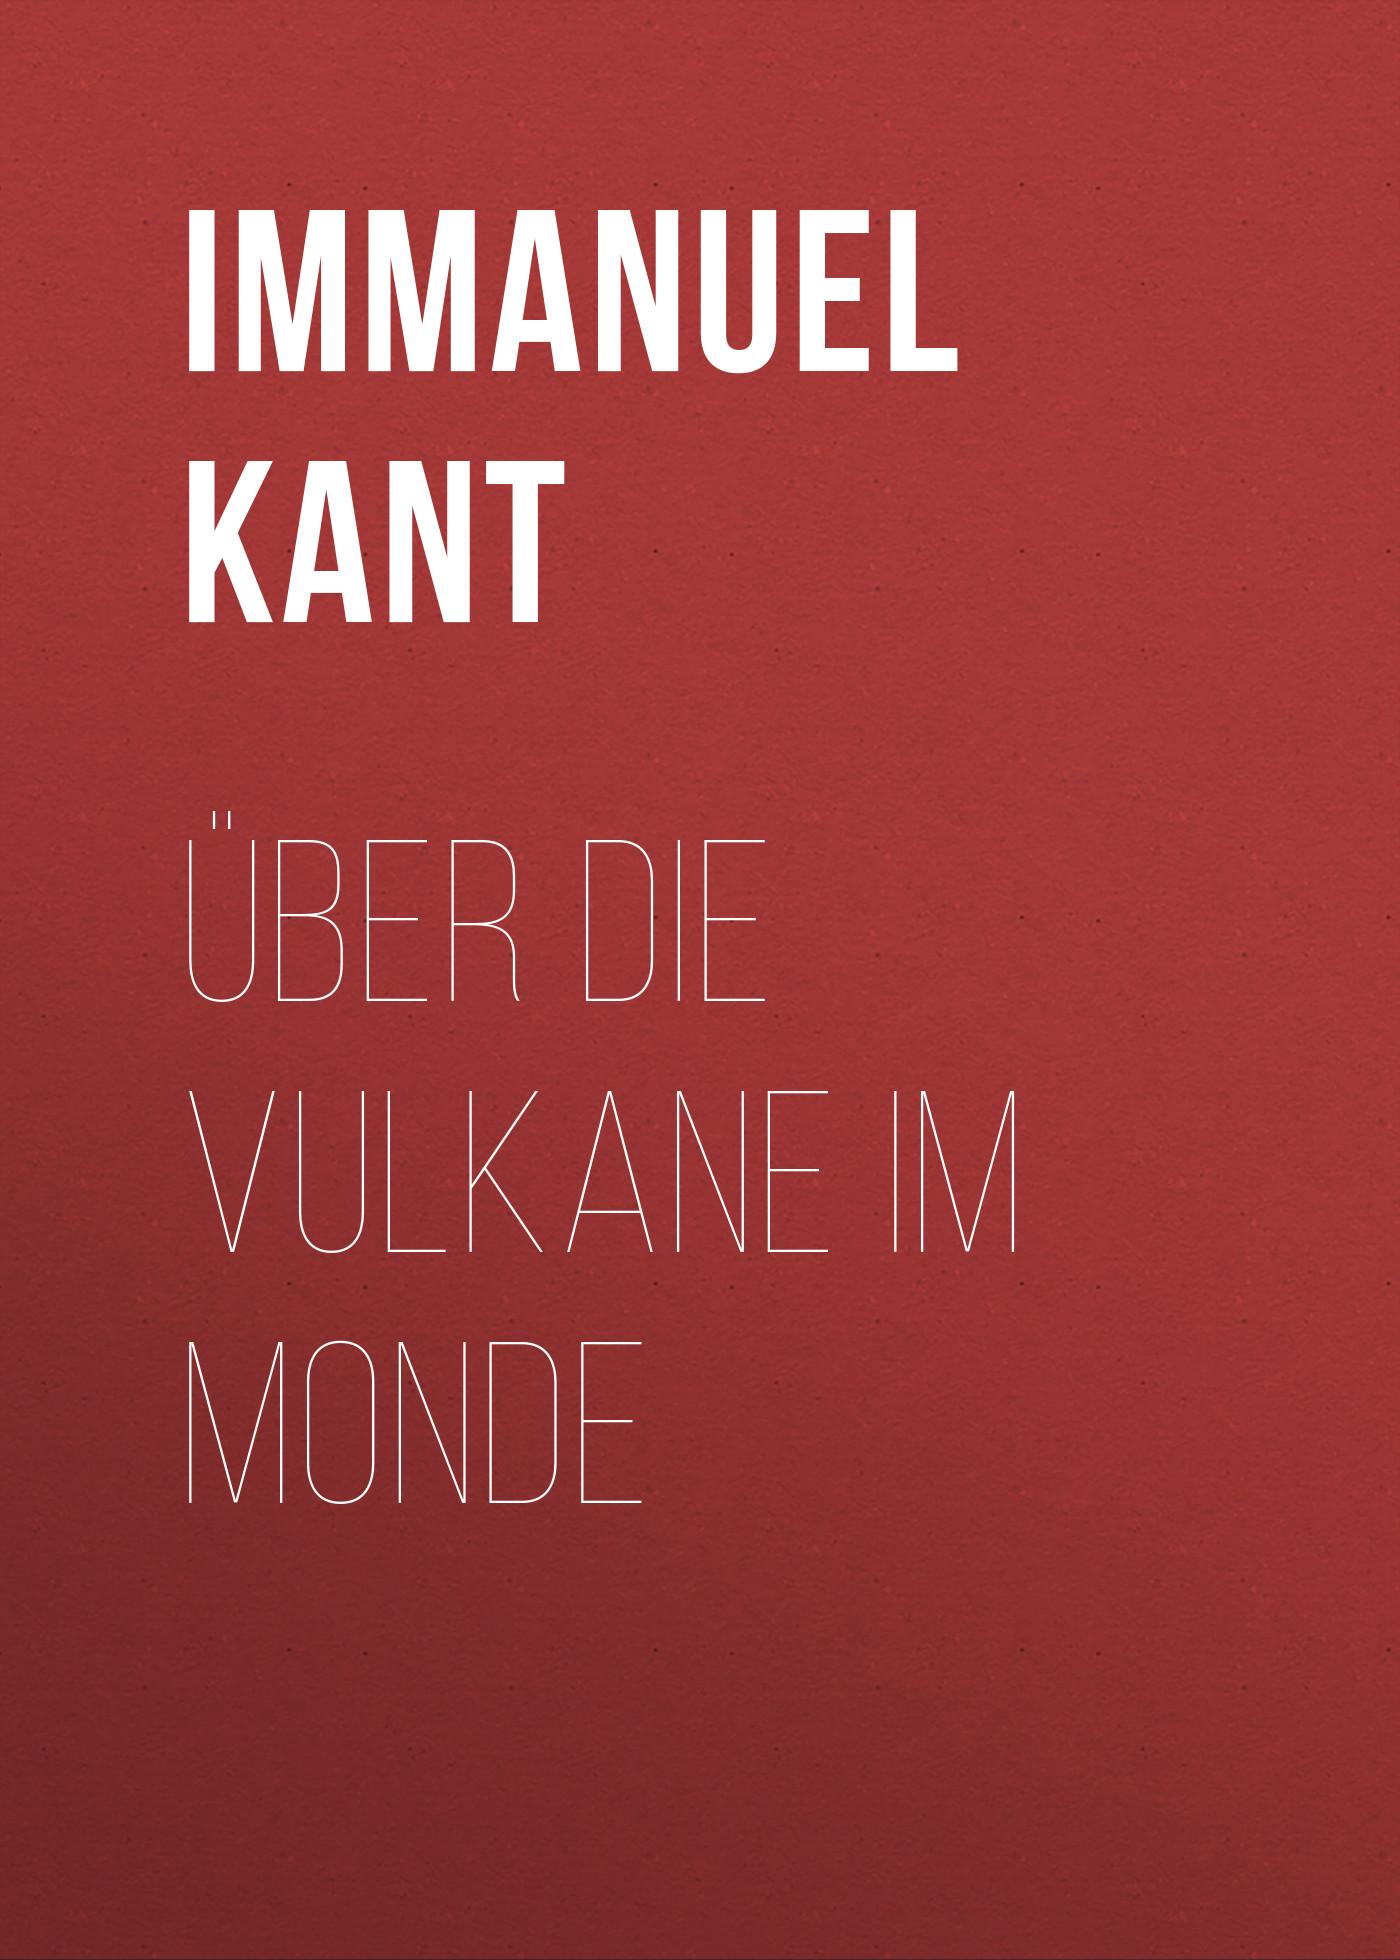 Immanuel Kant Über die Vulkane im Monde immanuel kant thomas kingsmill abbott critique of practical reason